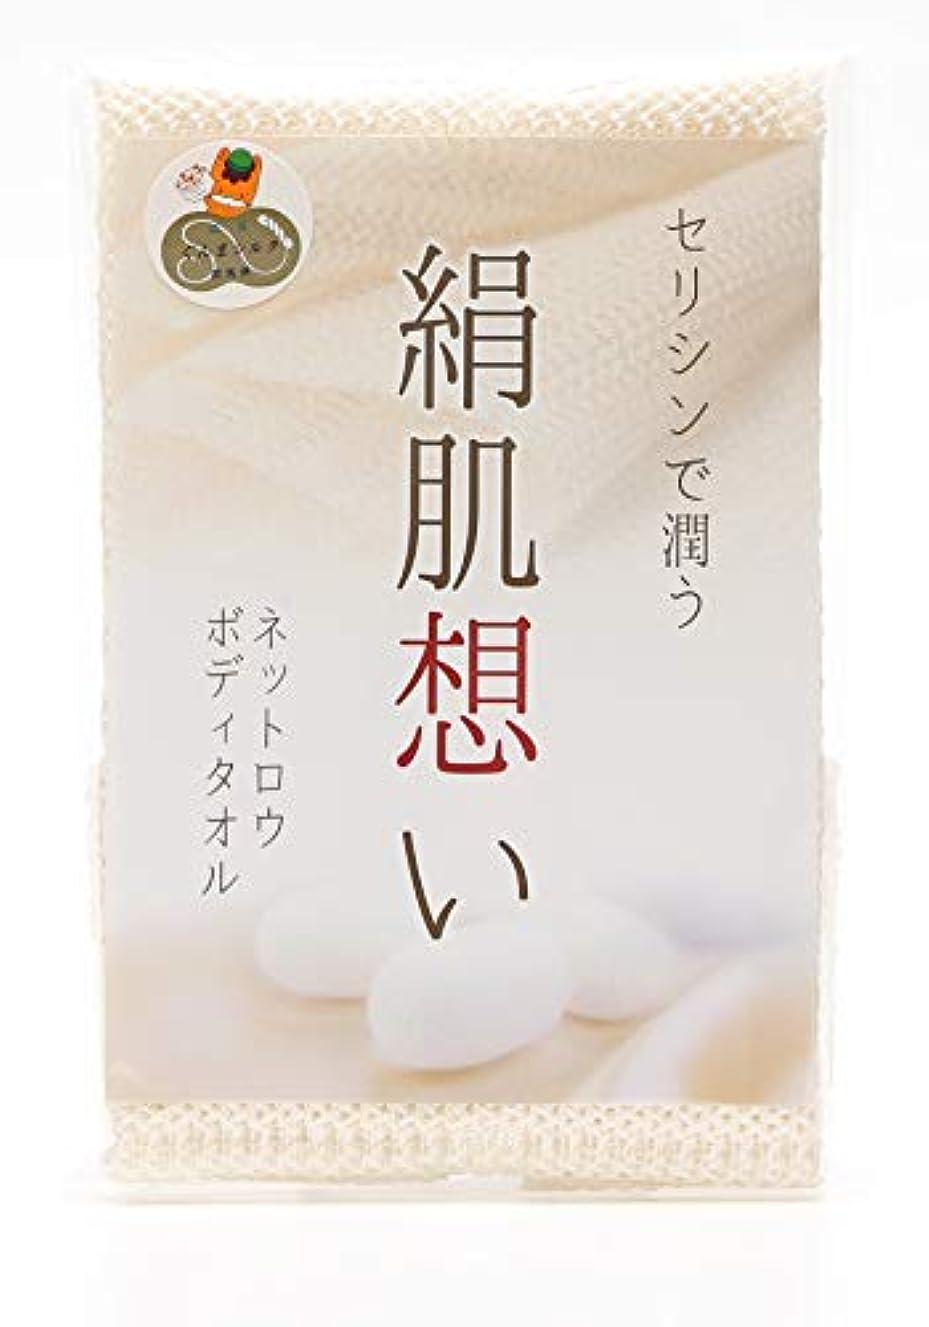 共産主義信頼モールス信号[ハッピーシルク] シルクボディータオル 「絹肌想い 」浴用ボディタオル セリシンで潤う シルク100% ネットロウ